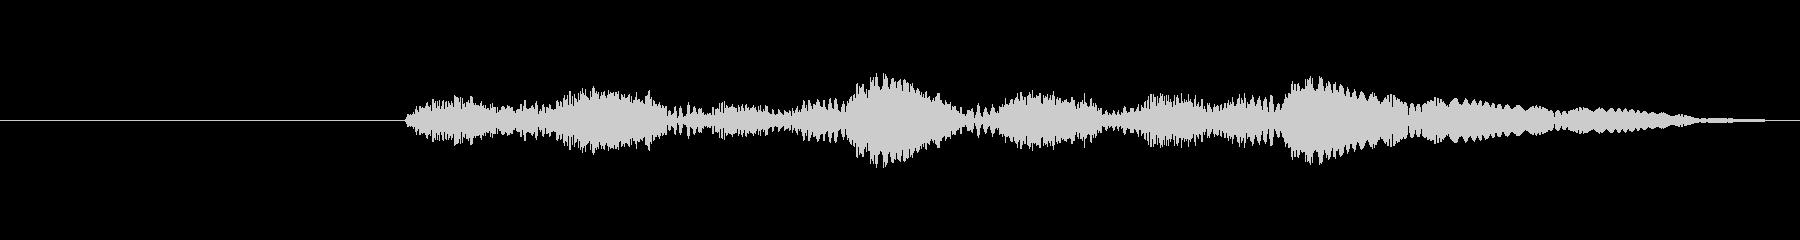 プルプル音(スライム・ゼリー系)5の未再生の波形